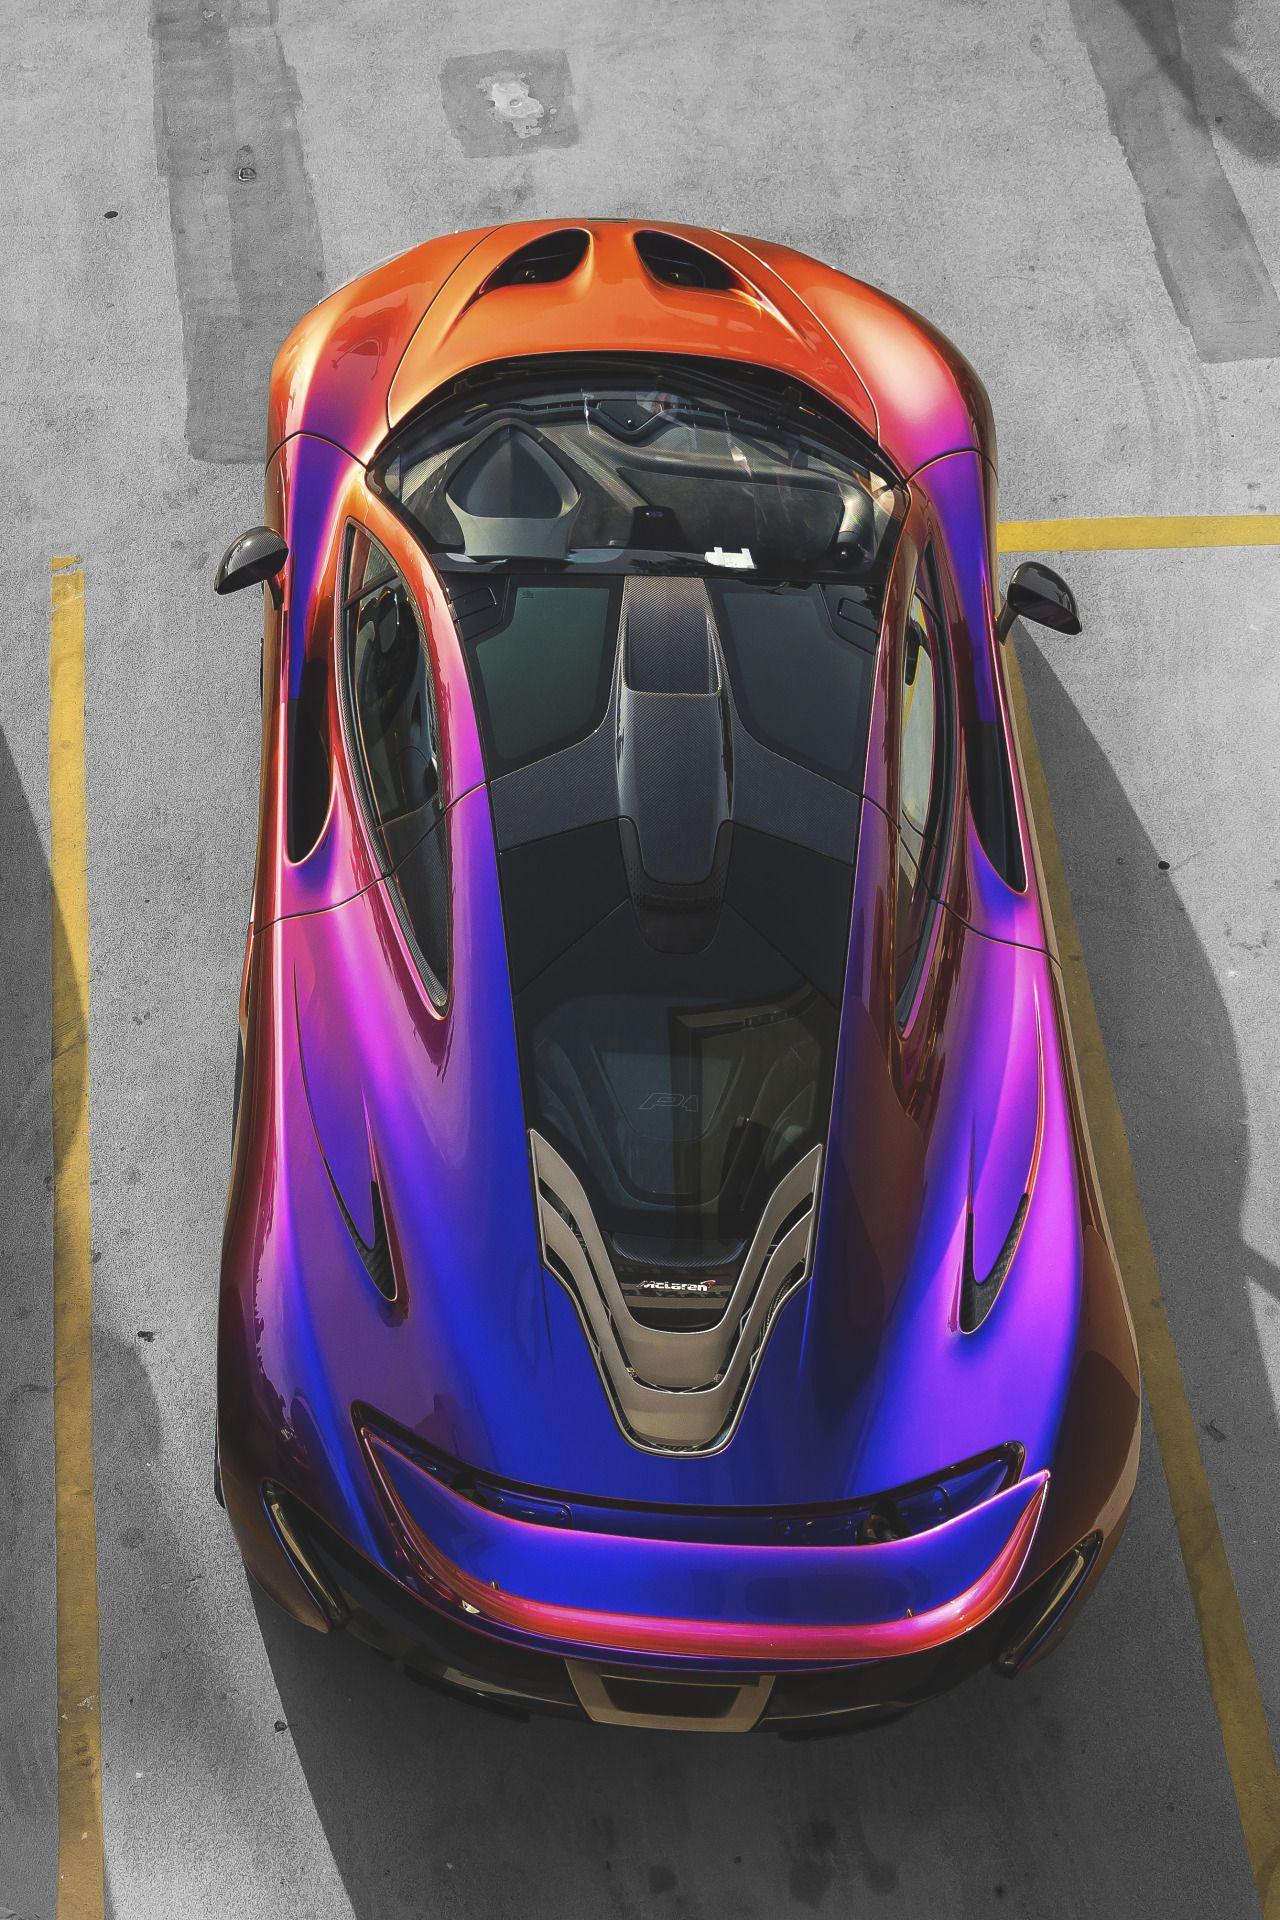 vividessentials McLaren P1 vividessentials Super cars